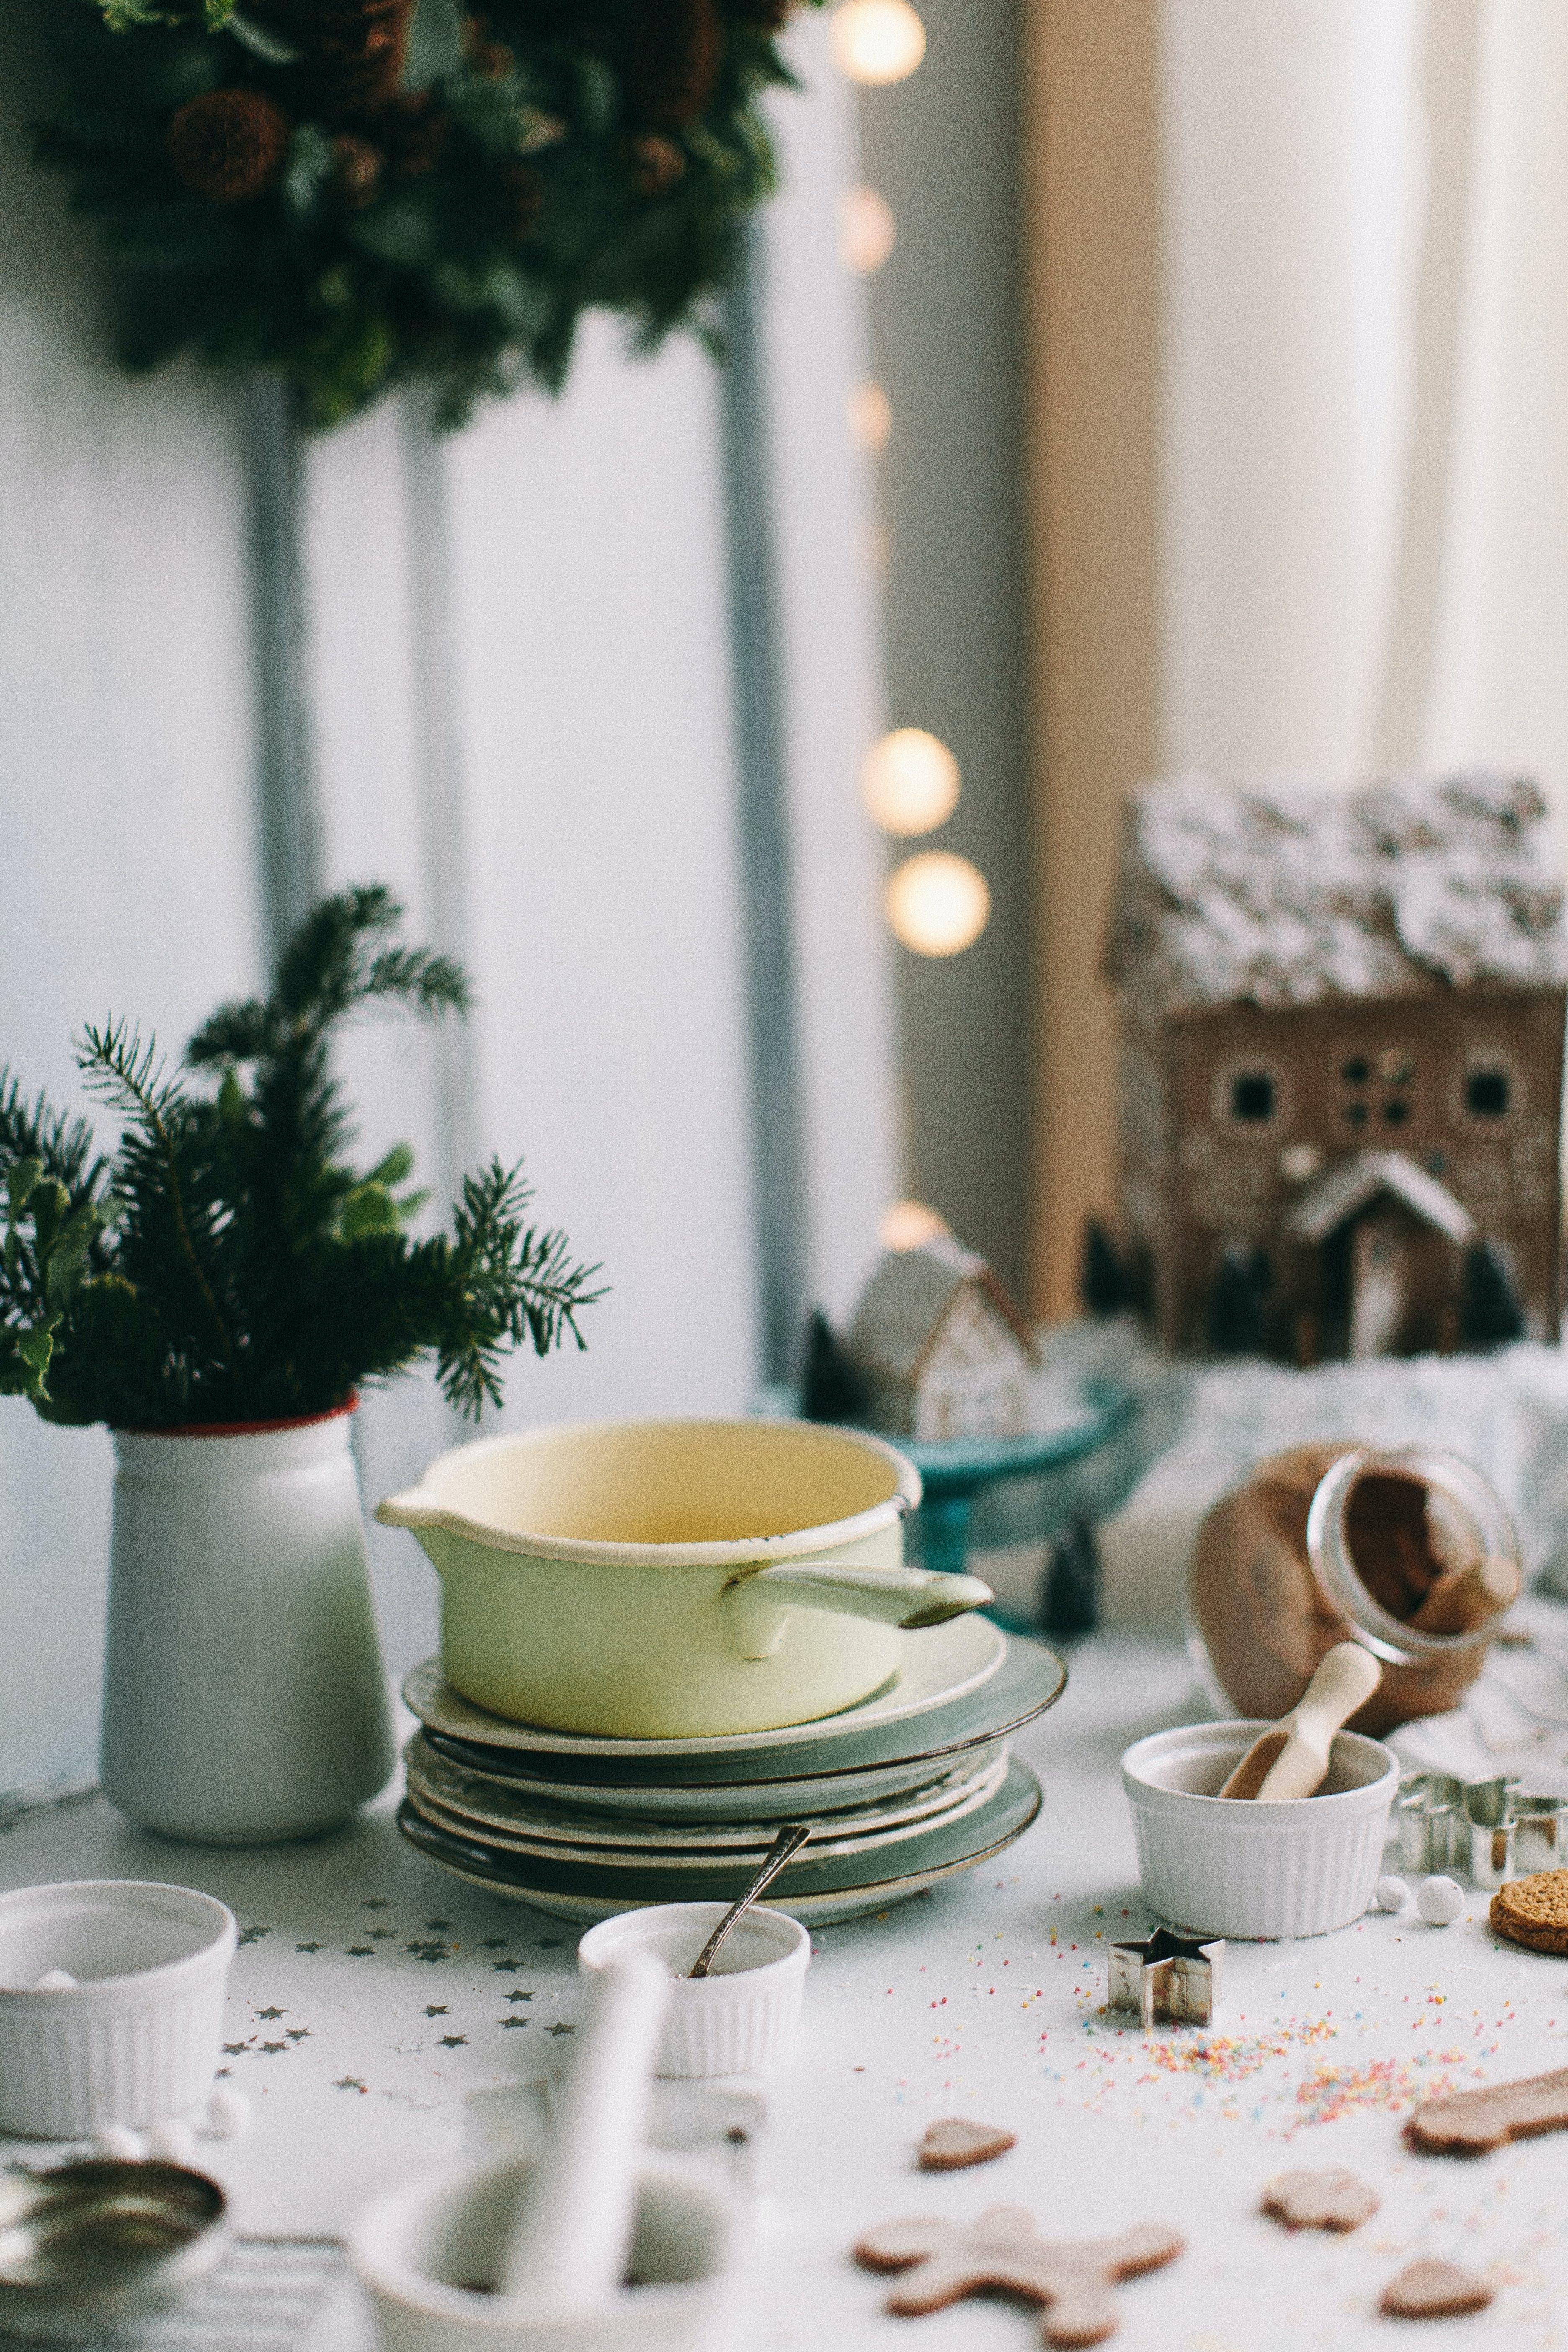 White Dinnerware Set on Table